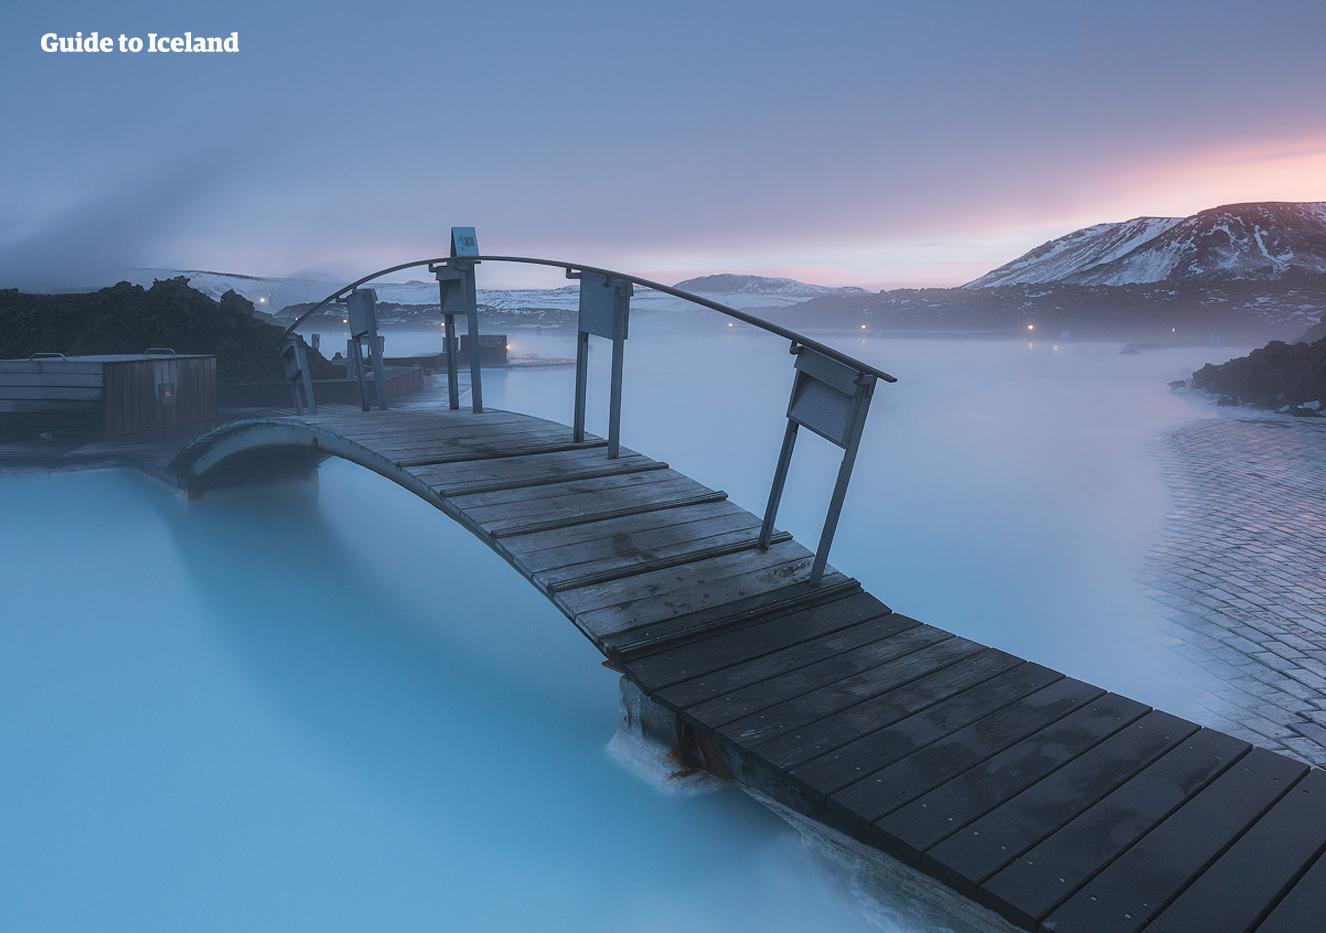 Få en perfekt avslutning på islandseventyret ditt med en dukkert på det geotermiske spaet Den blå lagune.